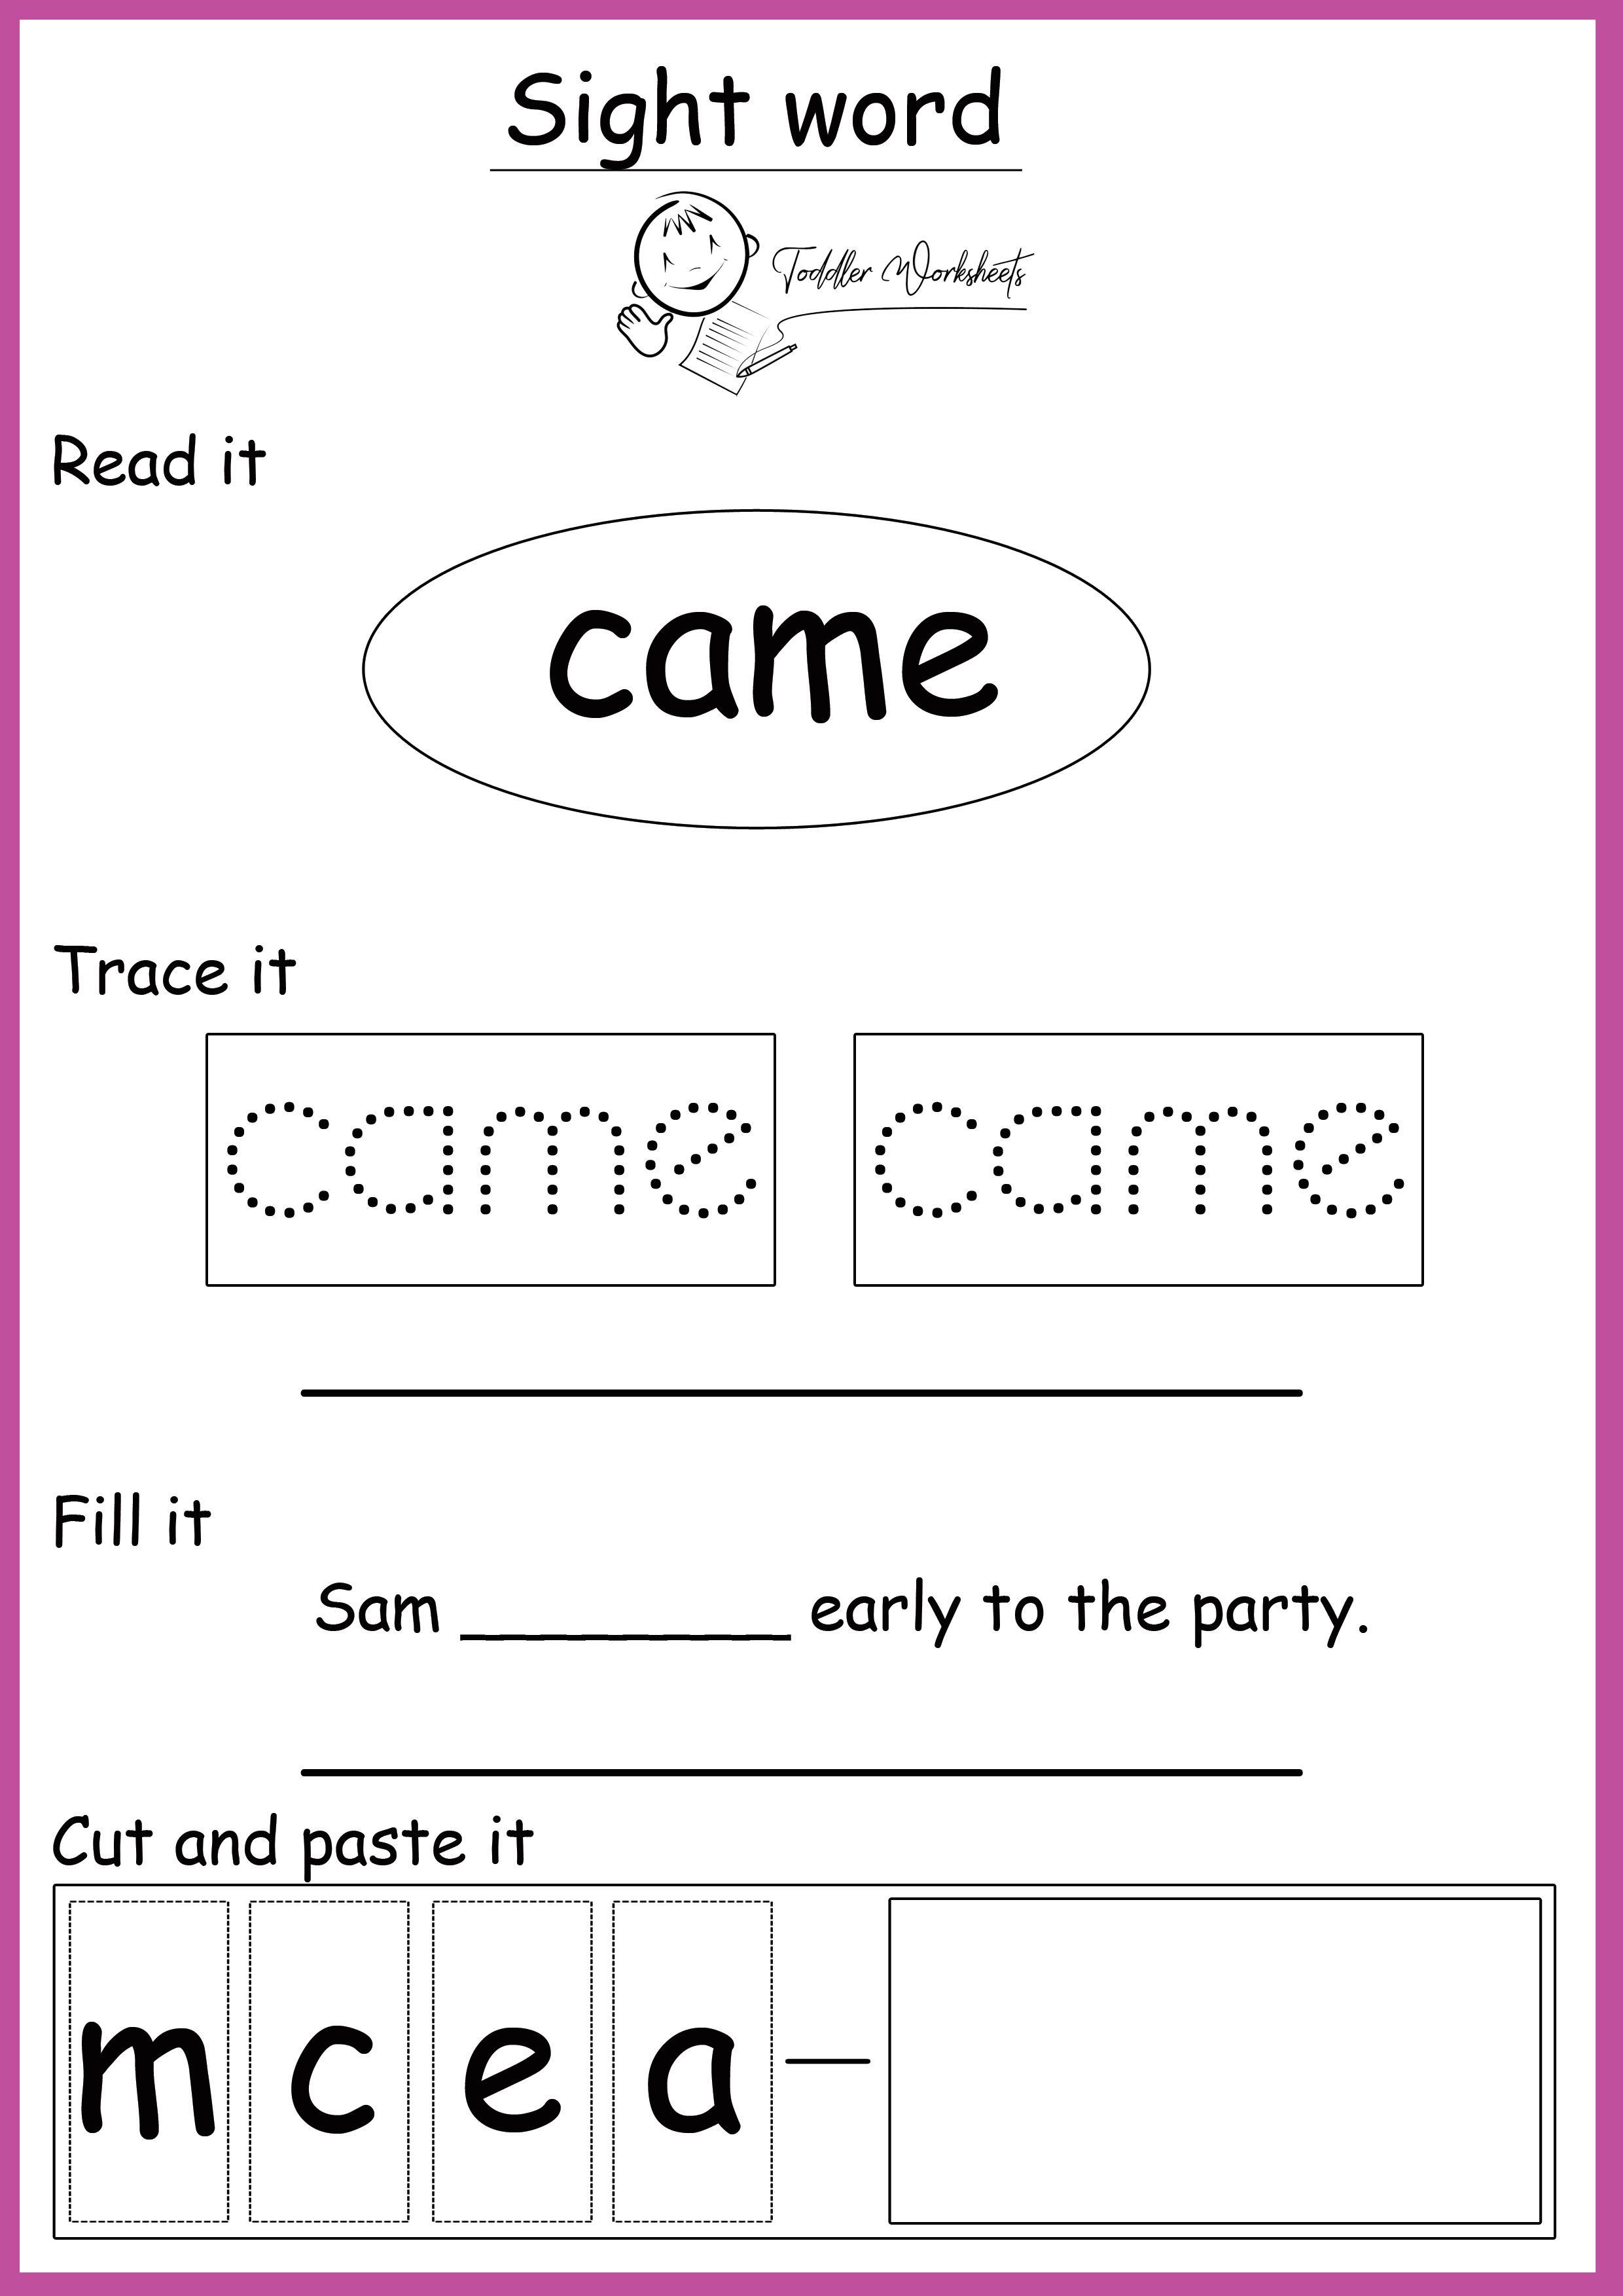 Free Preschool Site Words Worksheets Preschool Sight Words Printables Sight Word Worksheets Preschool Site